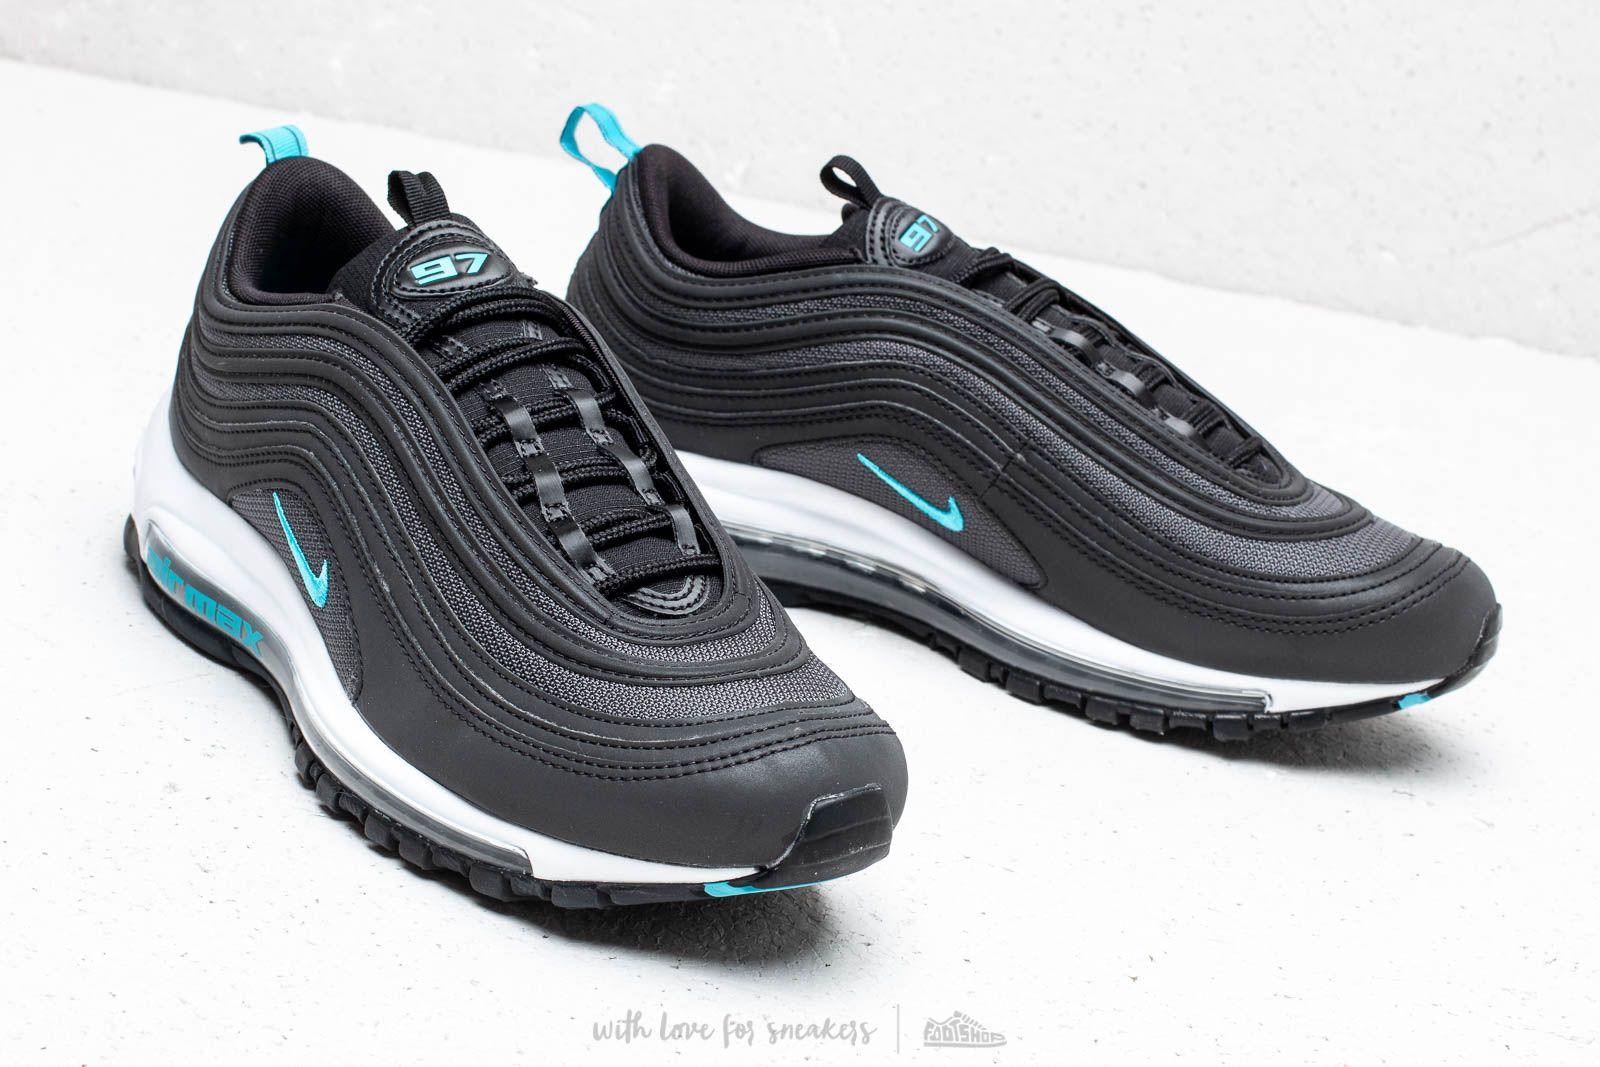 Nike Air Max 97 BlackBlue Fury Dark Grey For Sale